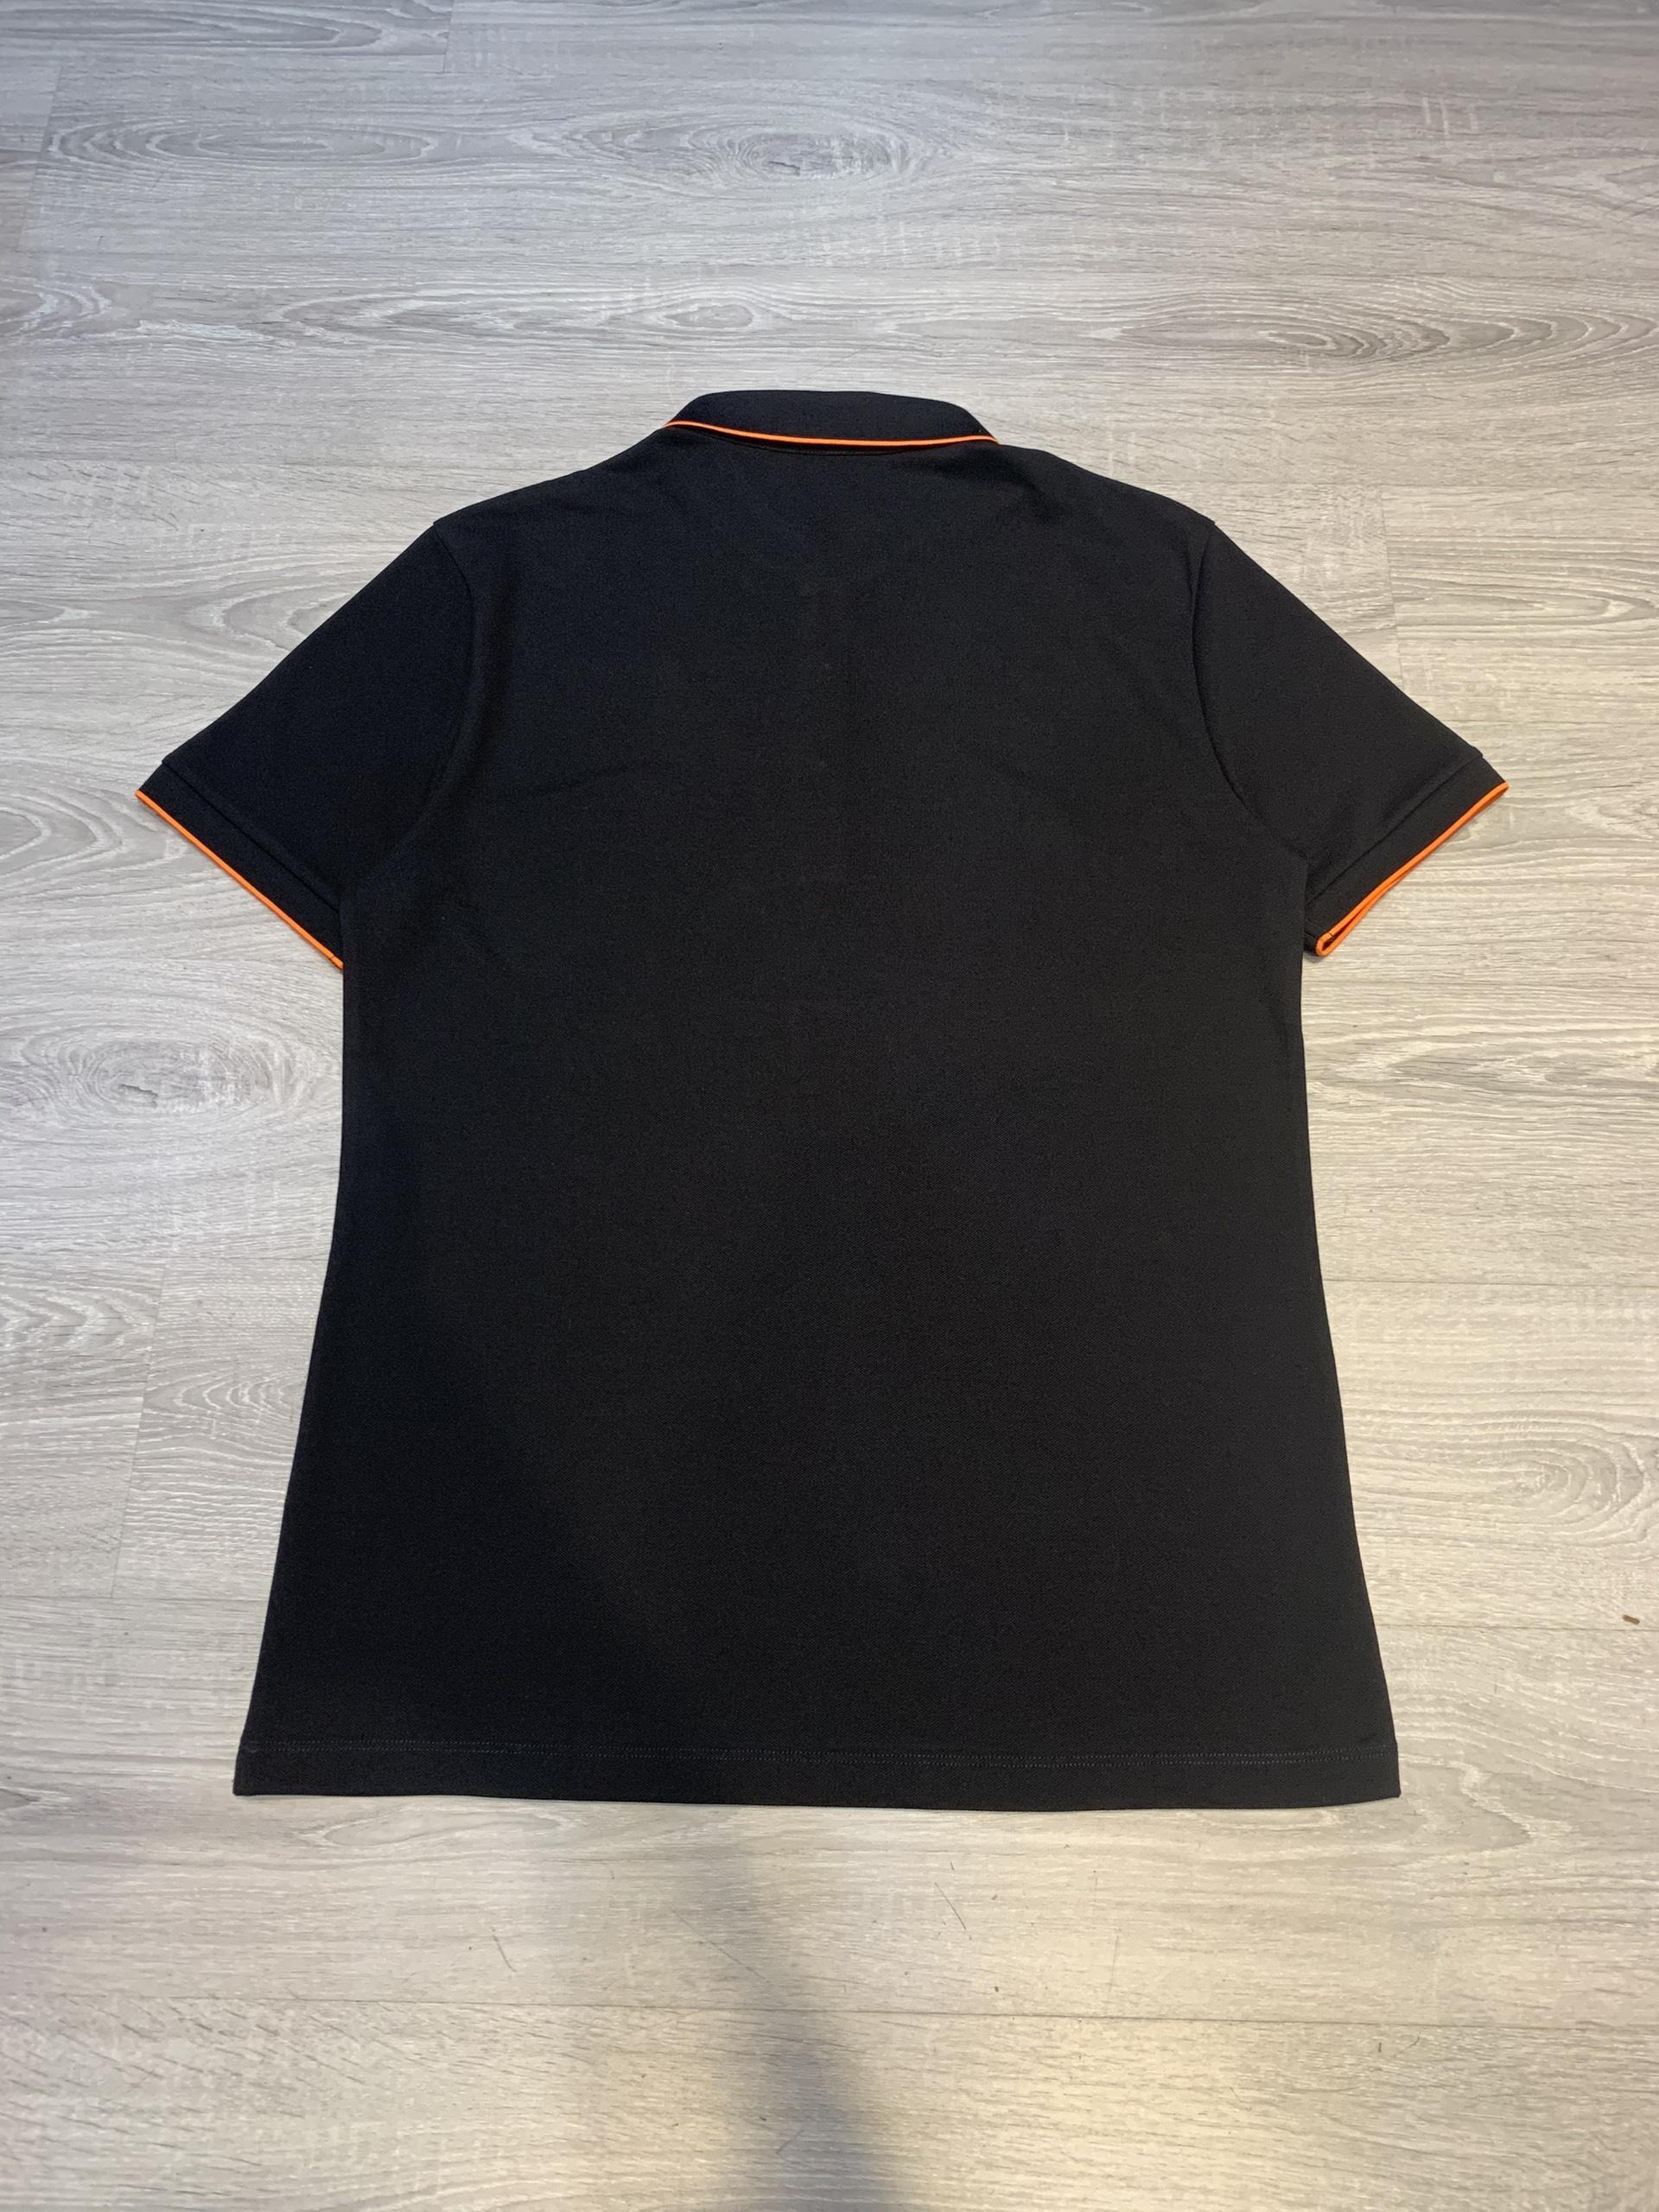 Áo phông Hermes siêu cấp màu đen hoạ tiết viền cam APH03